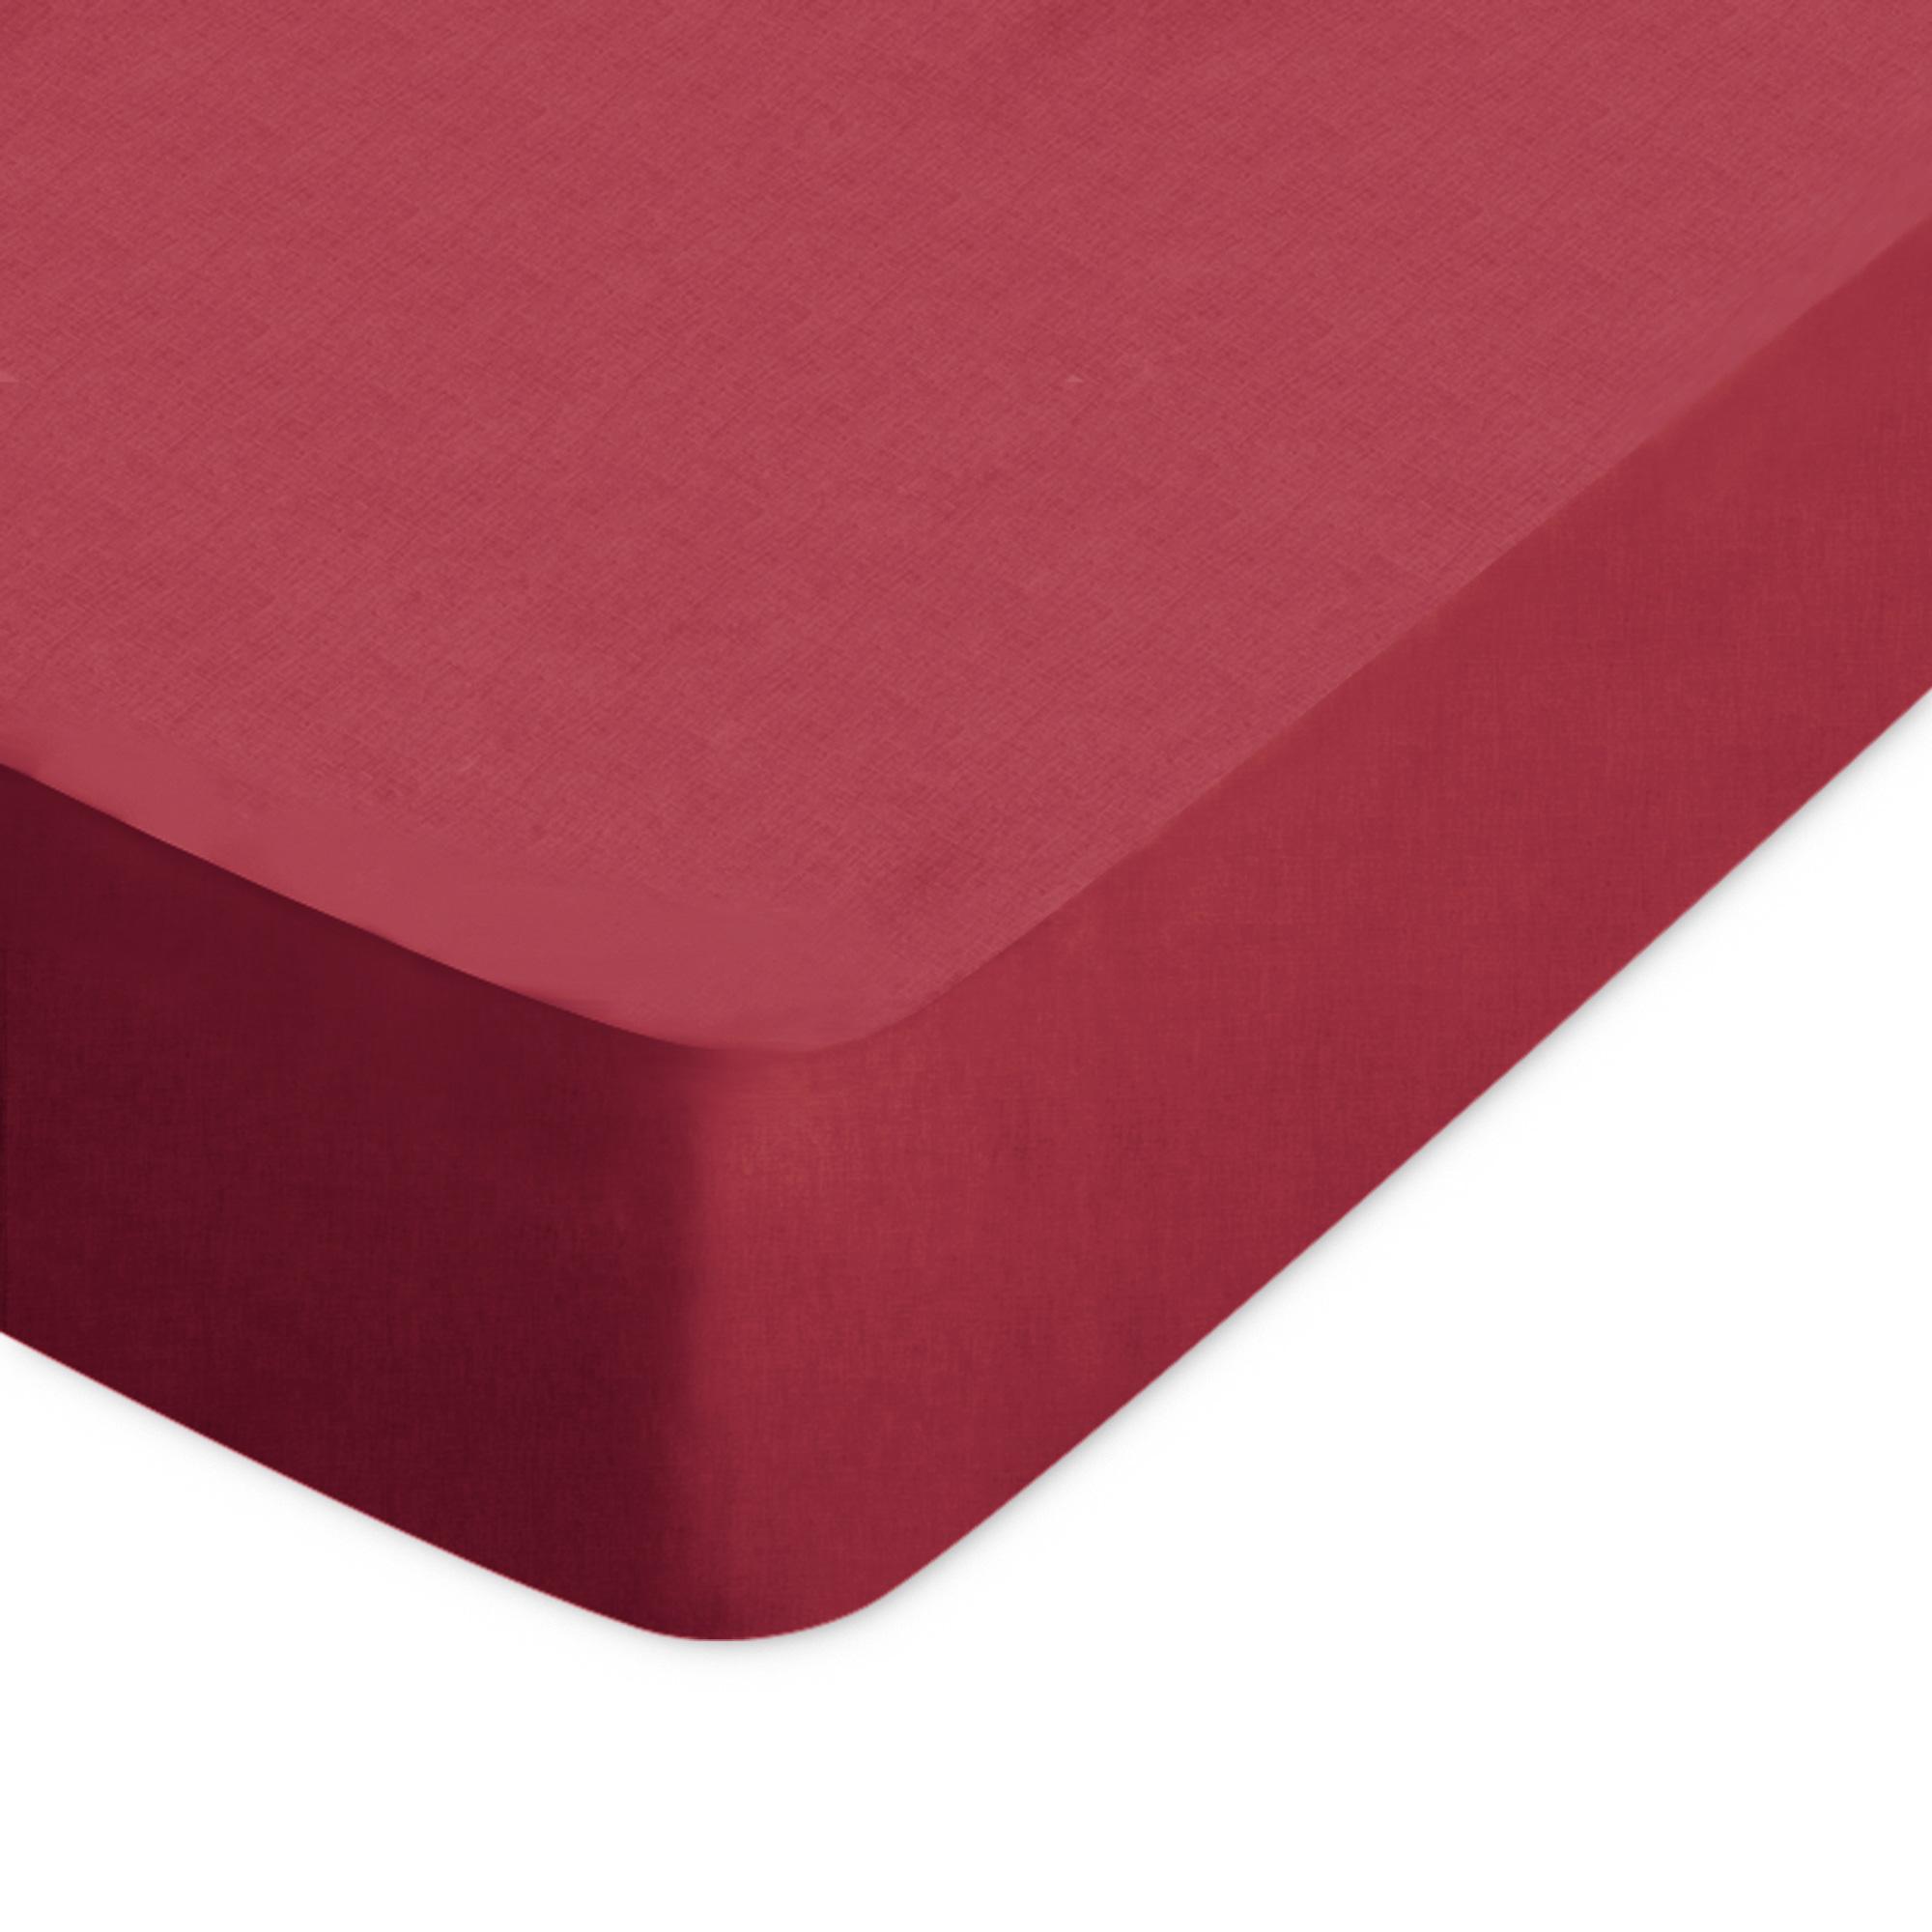 drap housse uni 140x190 Drap housse 140x190cm uni pur coton ALTO rouge Garance | Linnea  drap housse uni 140x190